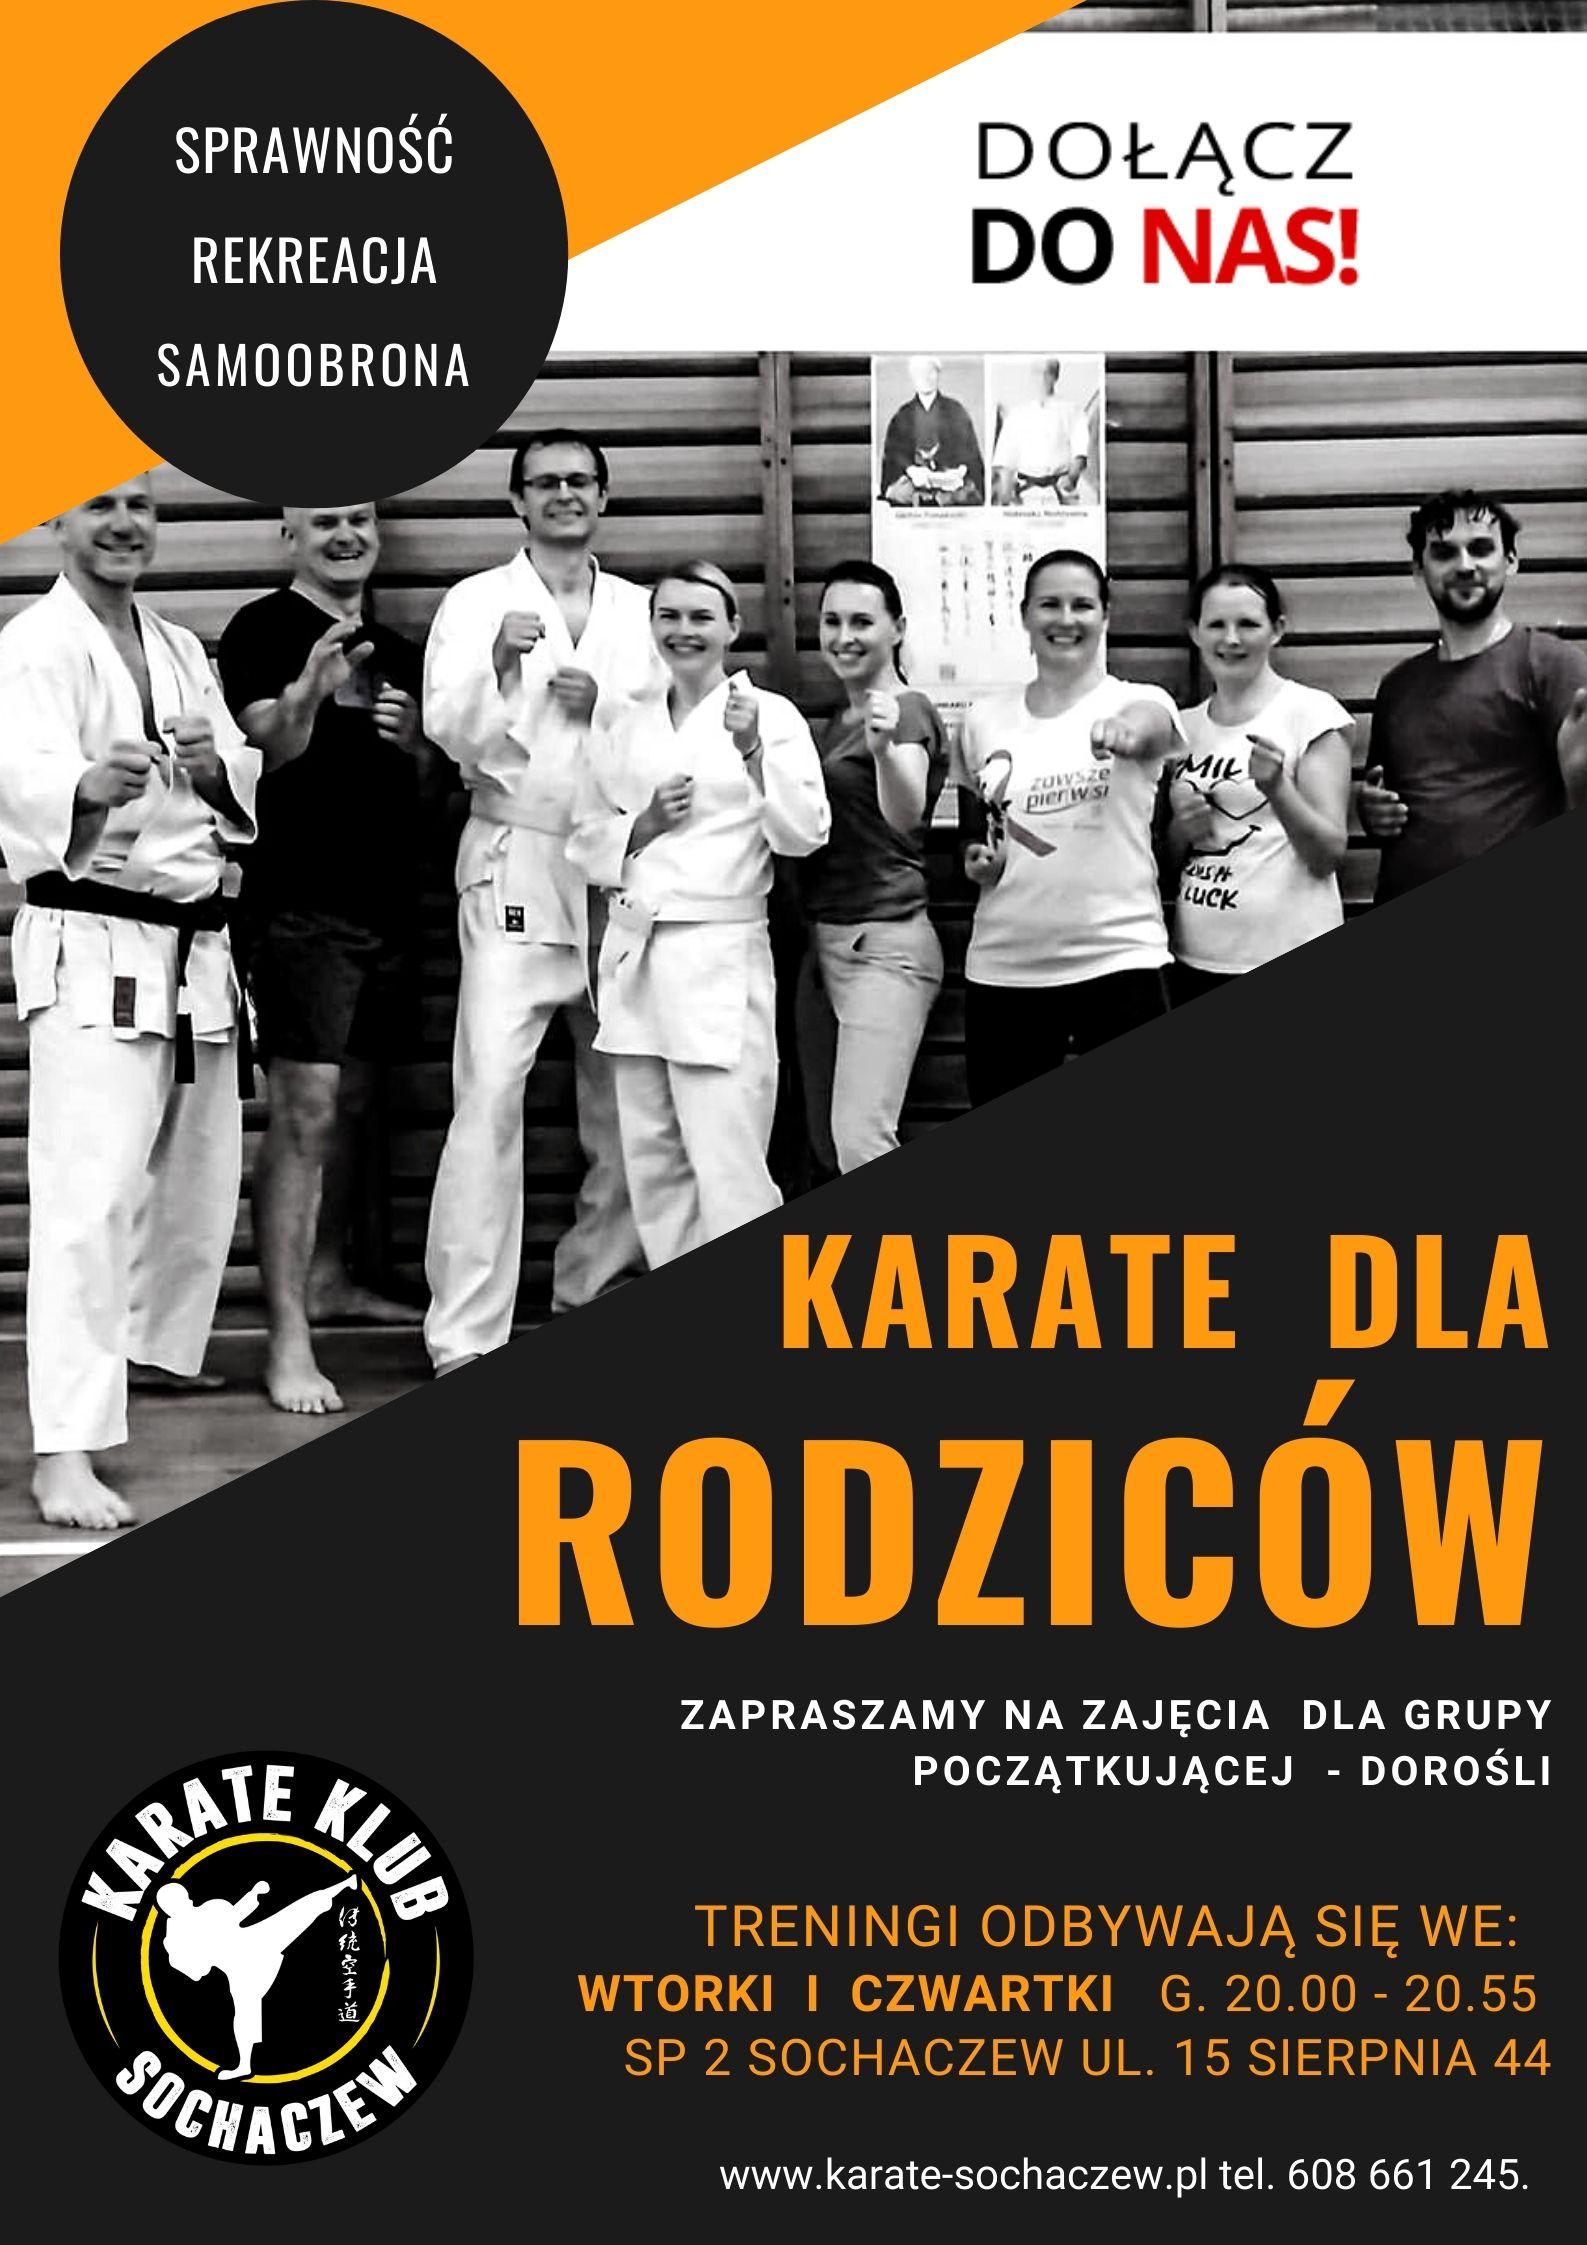 karate dla rodziców